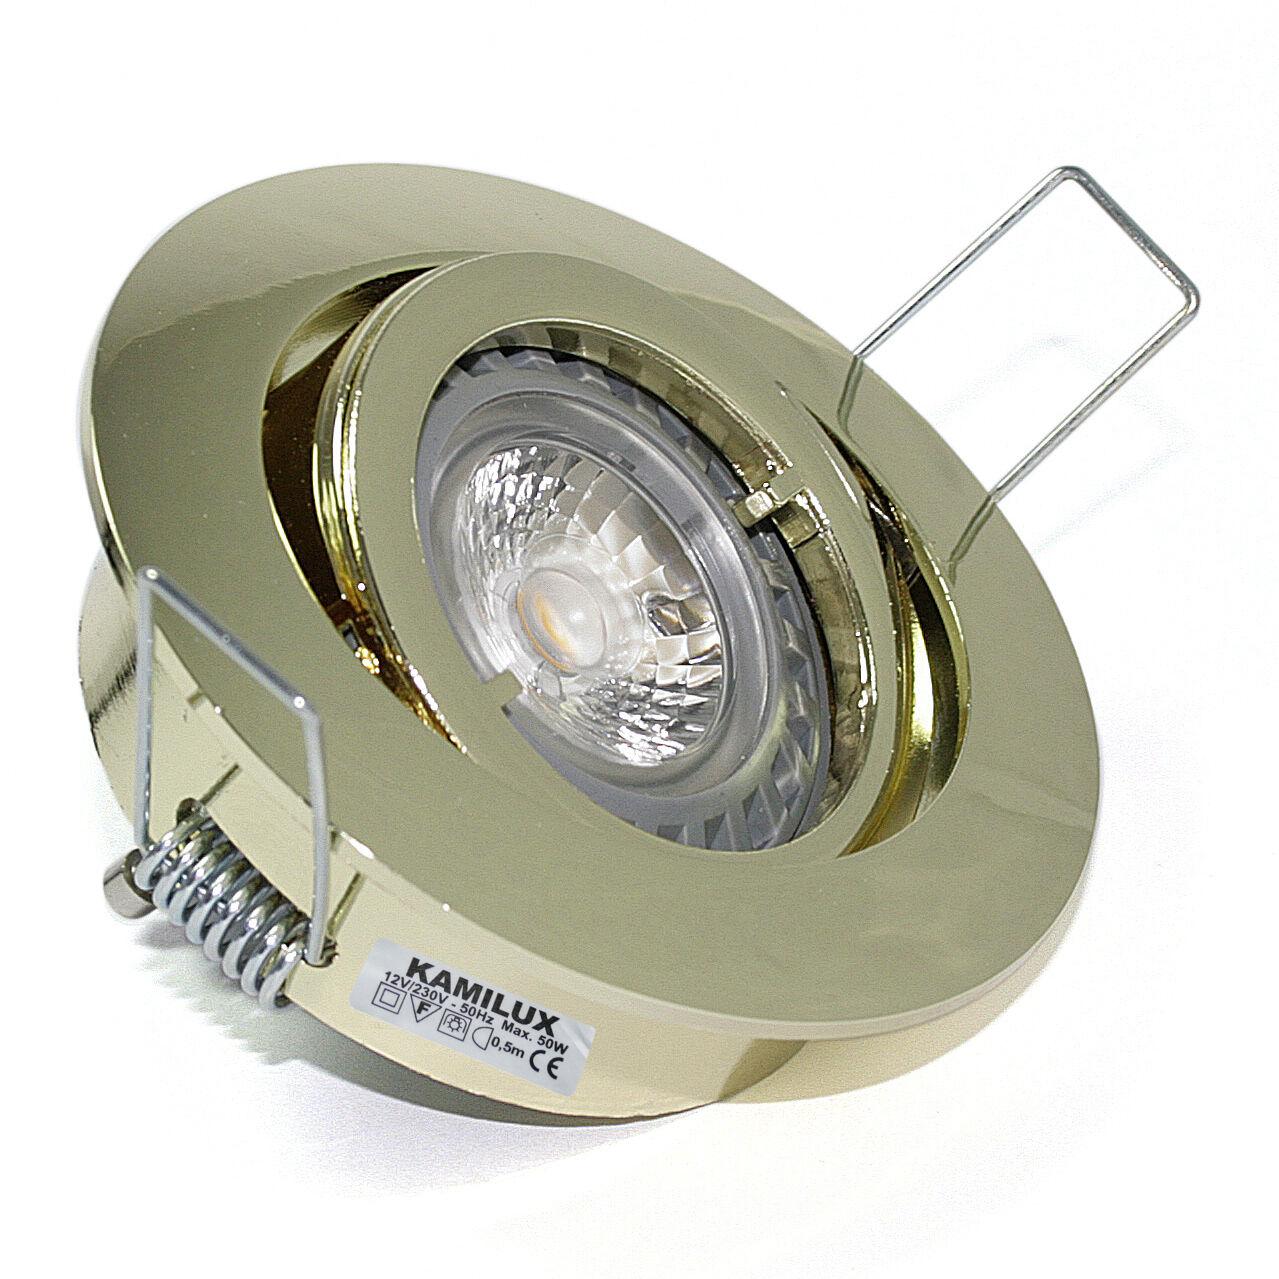 Kamilux Einbaulicht Bajo 230V Bad Einbaustrahler ohne Leuchtmittel Licht GU10   | Garantiere Qualität und Quantität  | Gemäßigten Kosten  | Spielen Sie auf der ganzen Welt und verhindern Sie, dass Ihre Kinder einsam sind